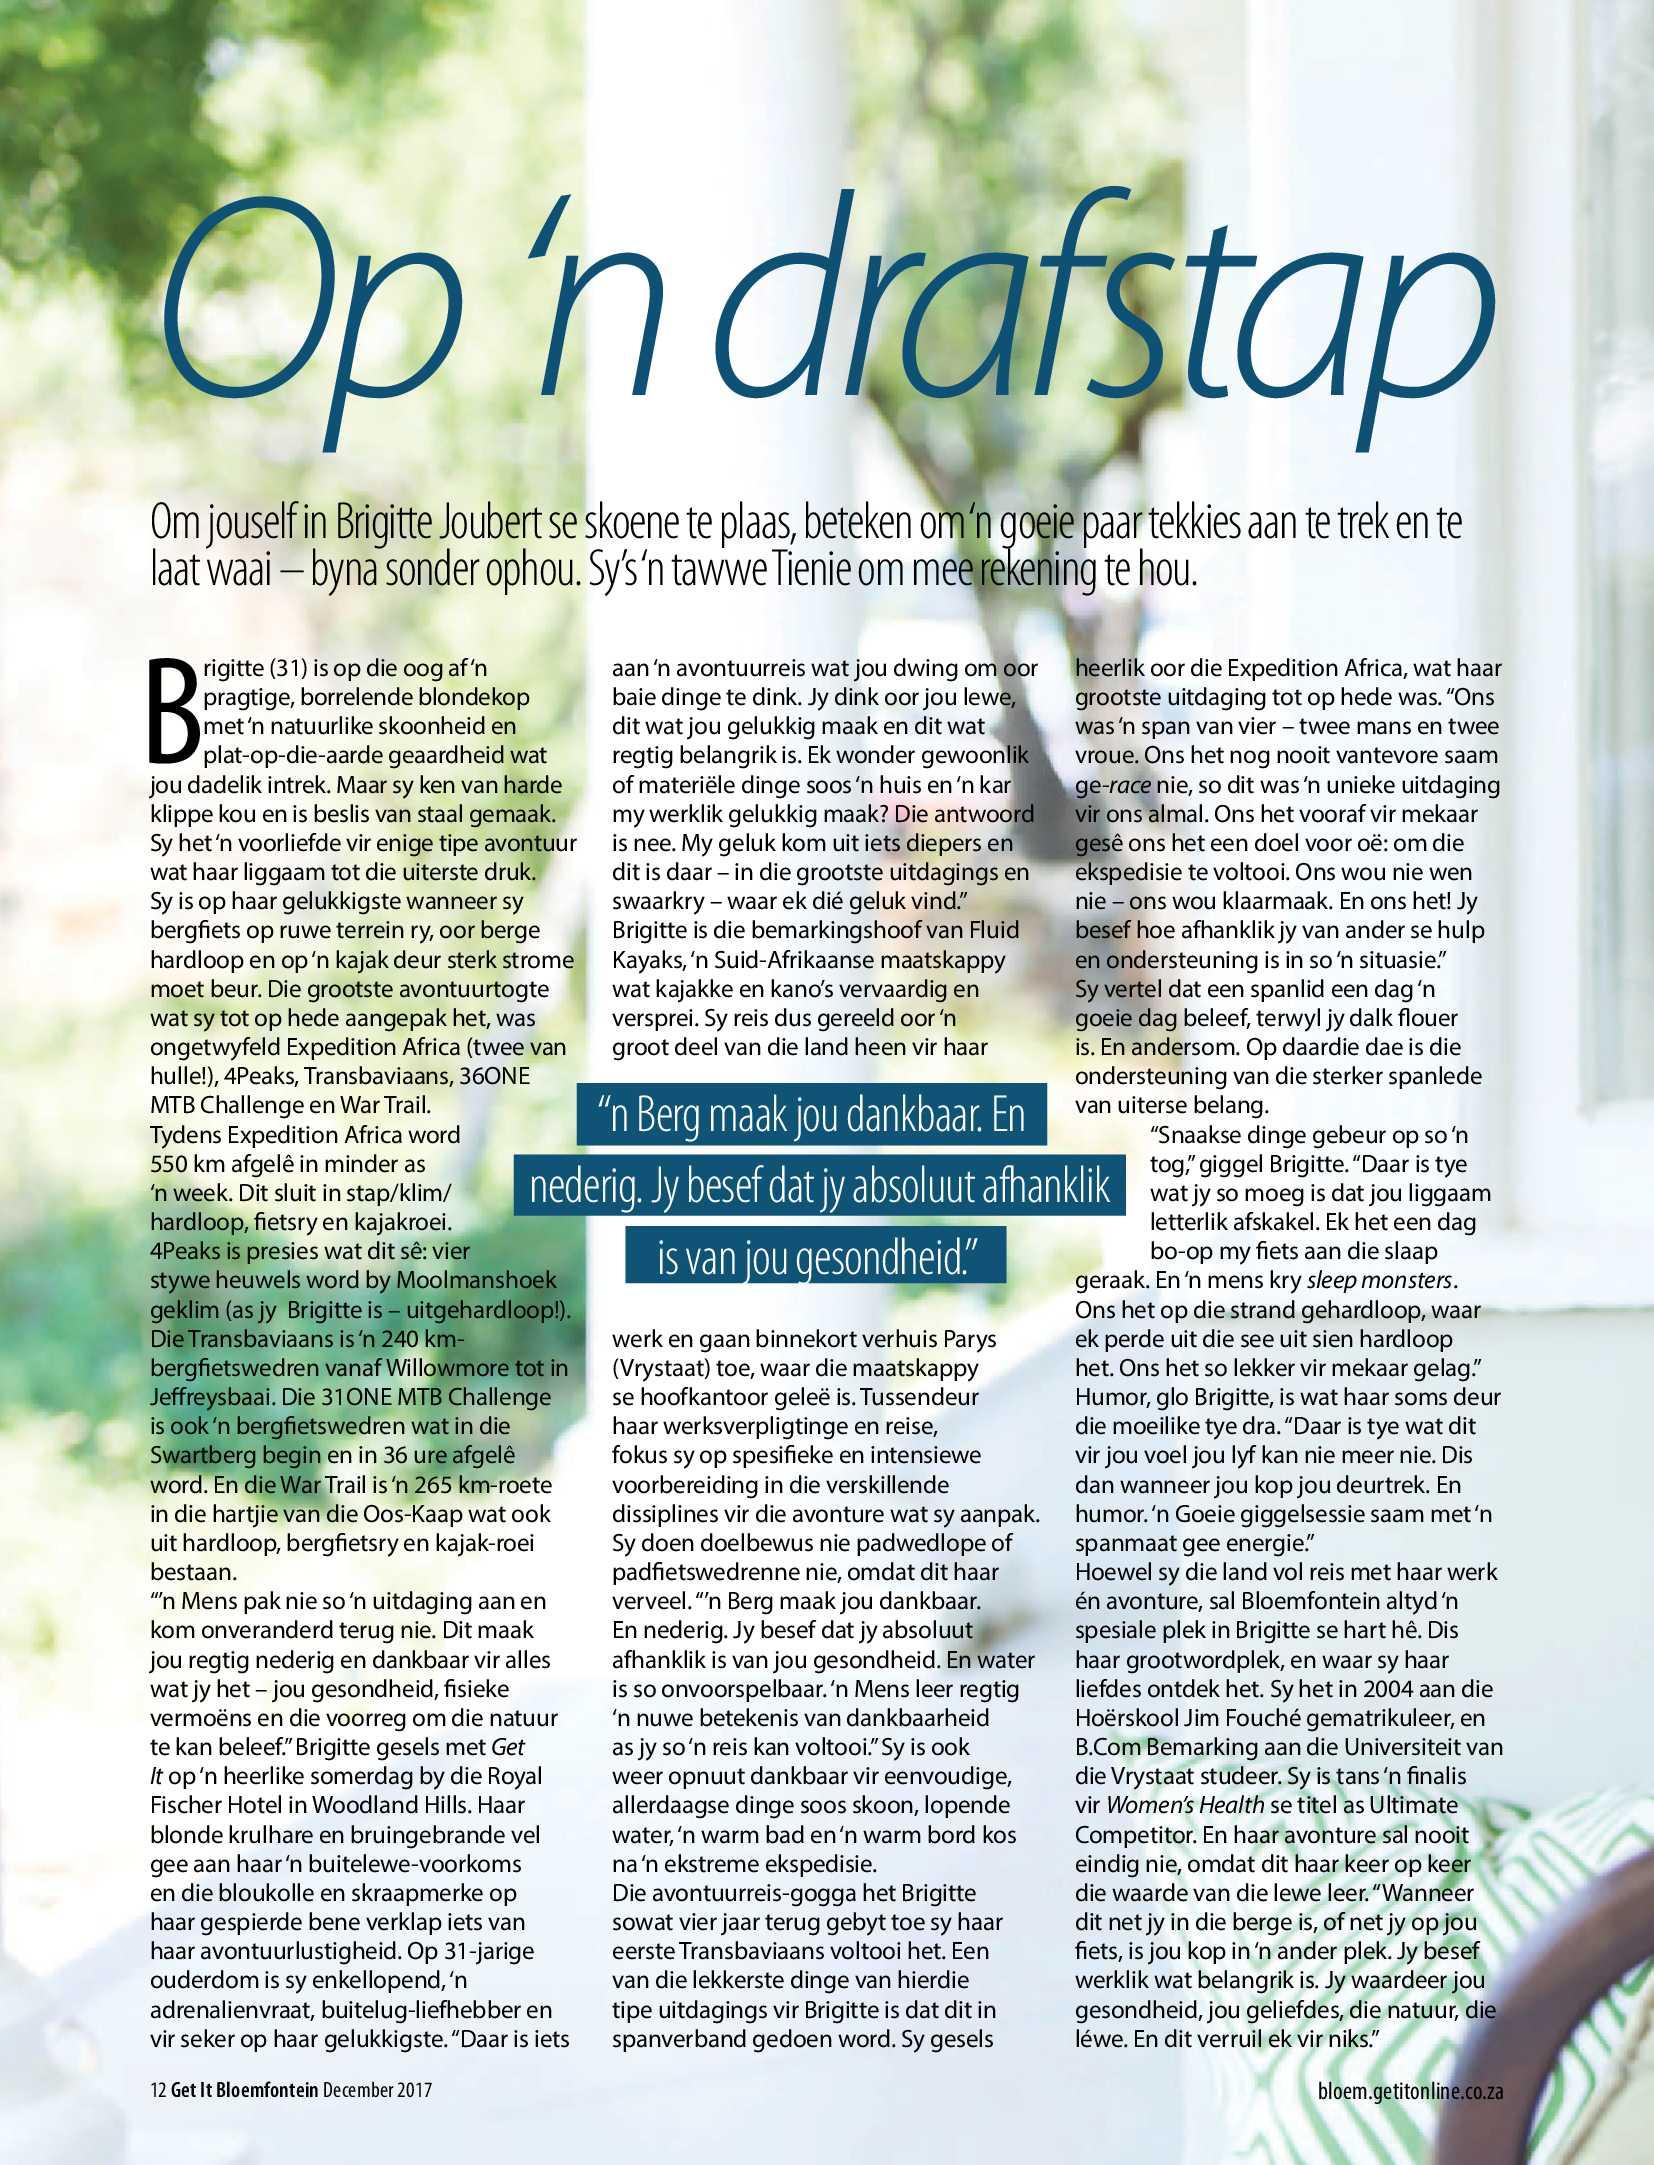 get-bloemfontein-december-2017-epapers-page-14